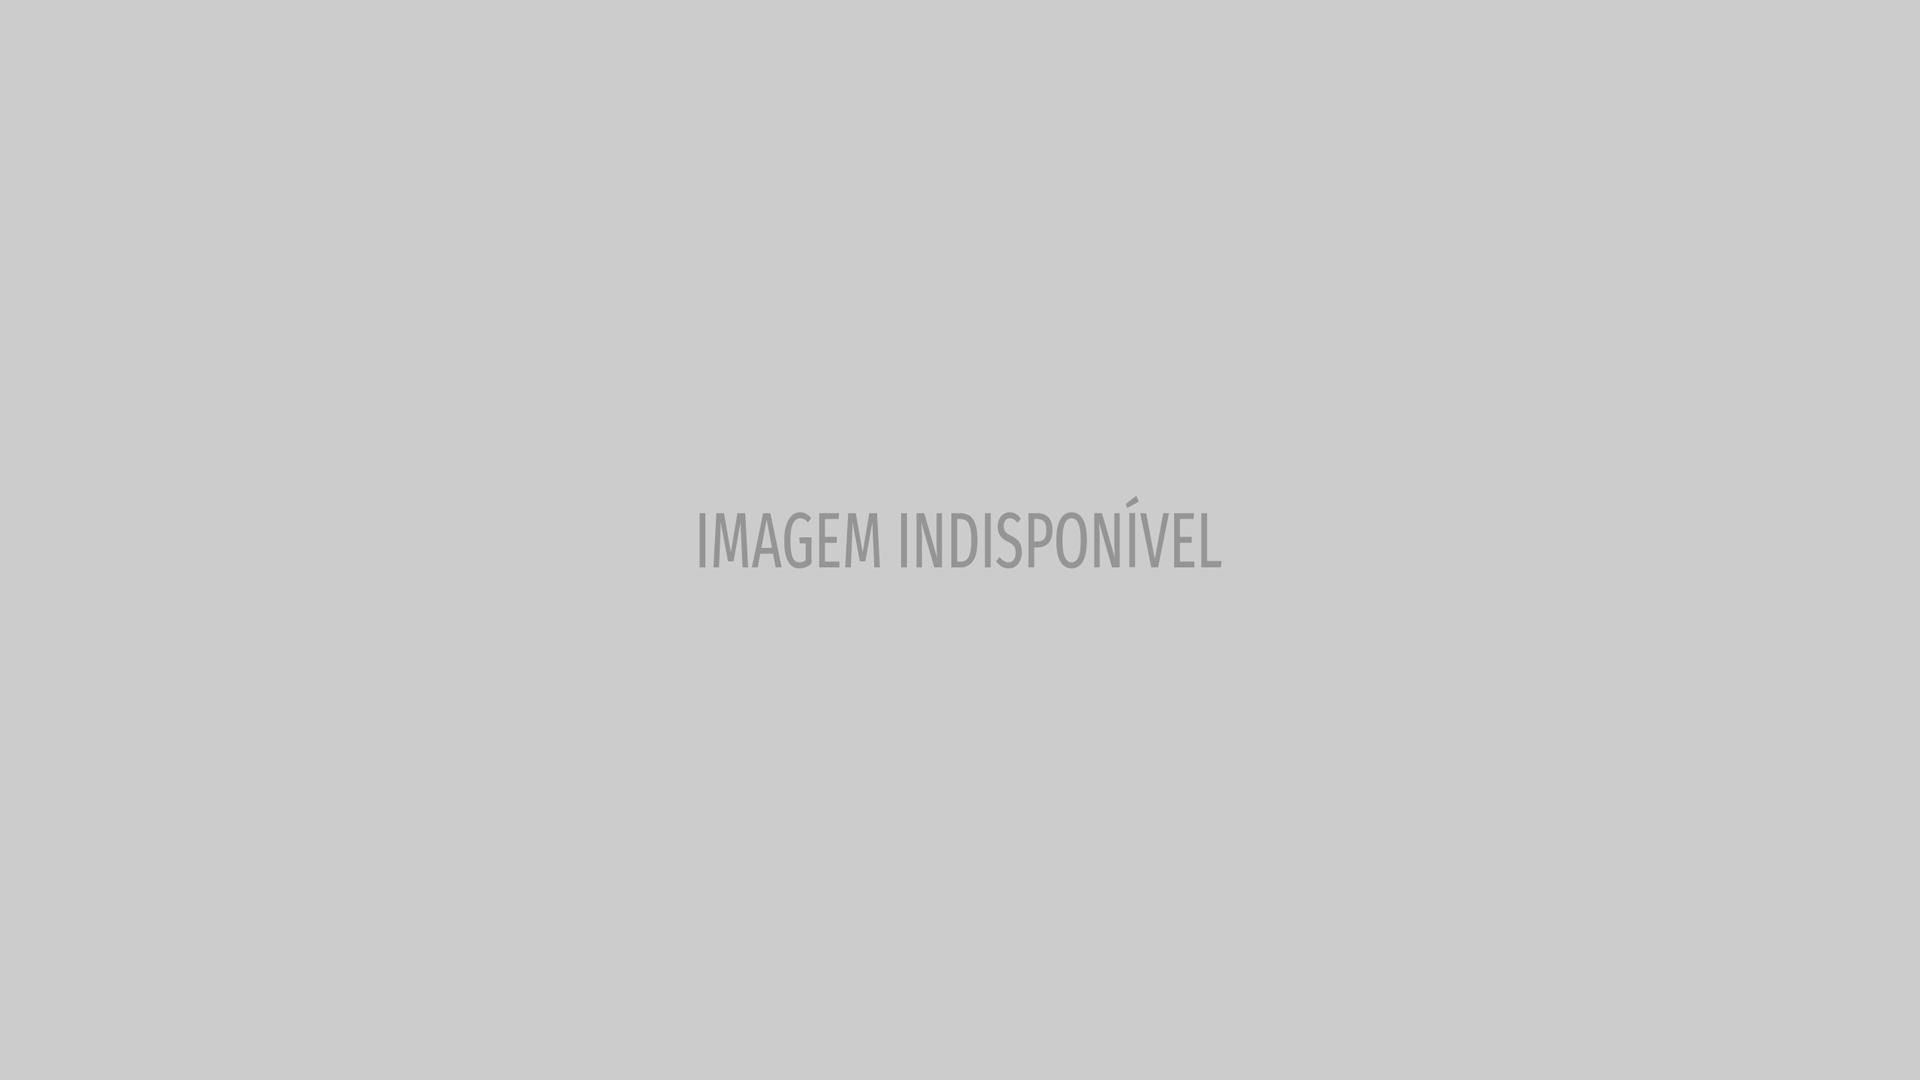 Dos quadrinhos para a TV: os personagens de 'The Walking Dead'